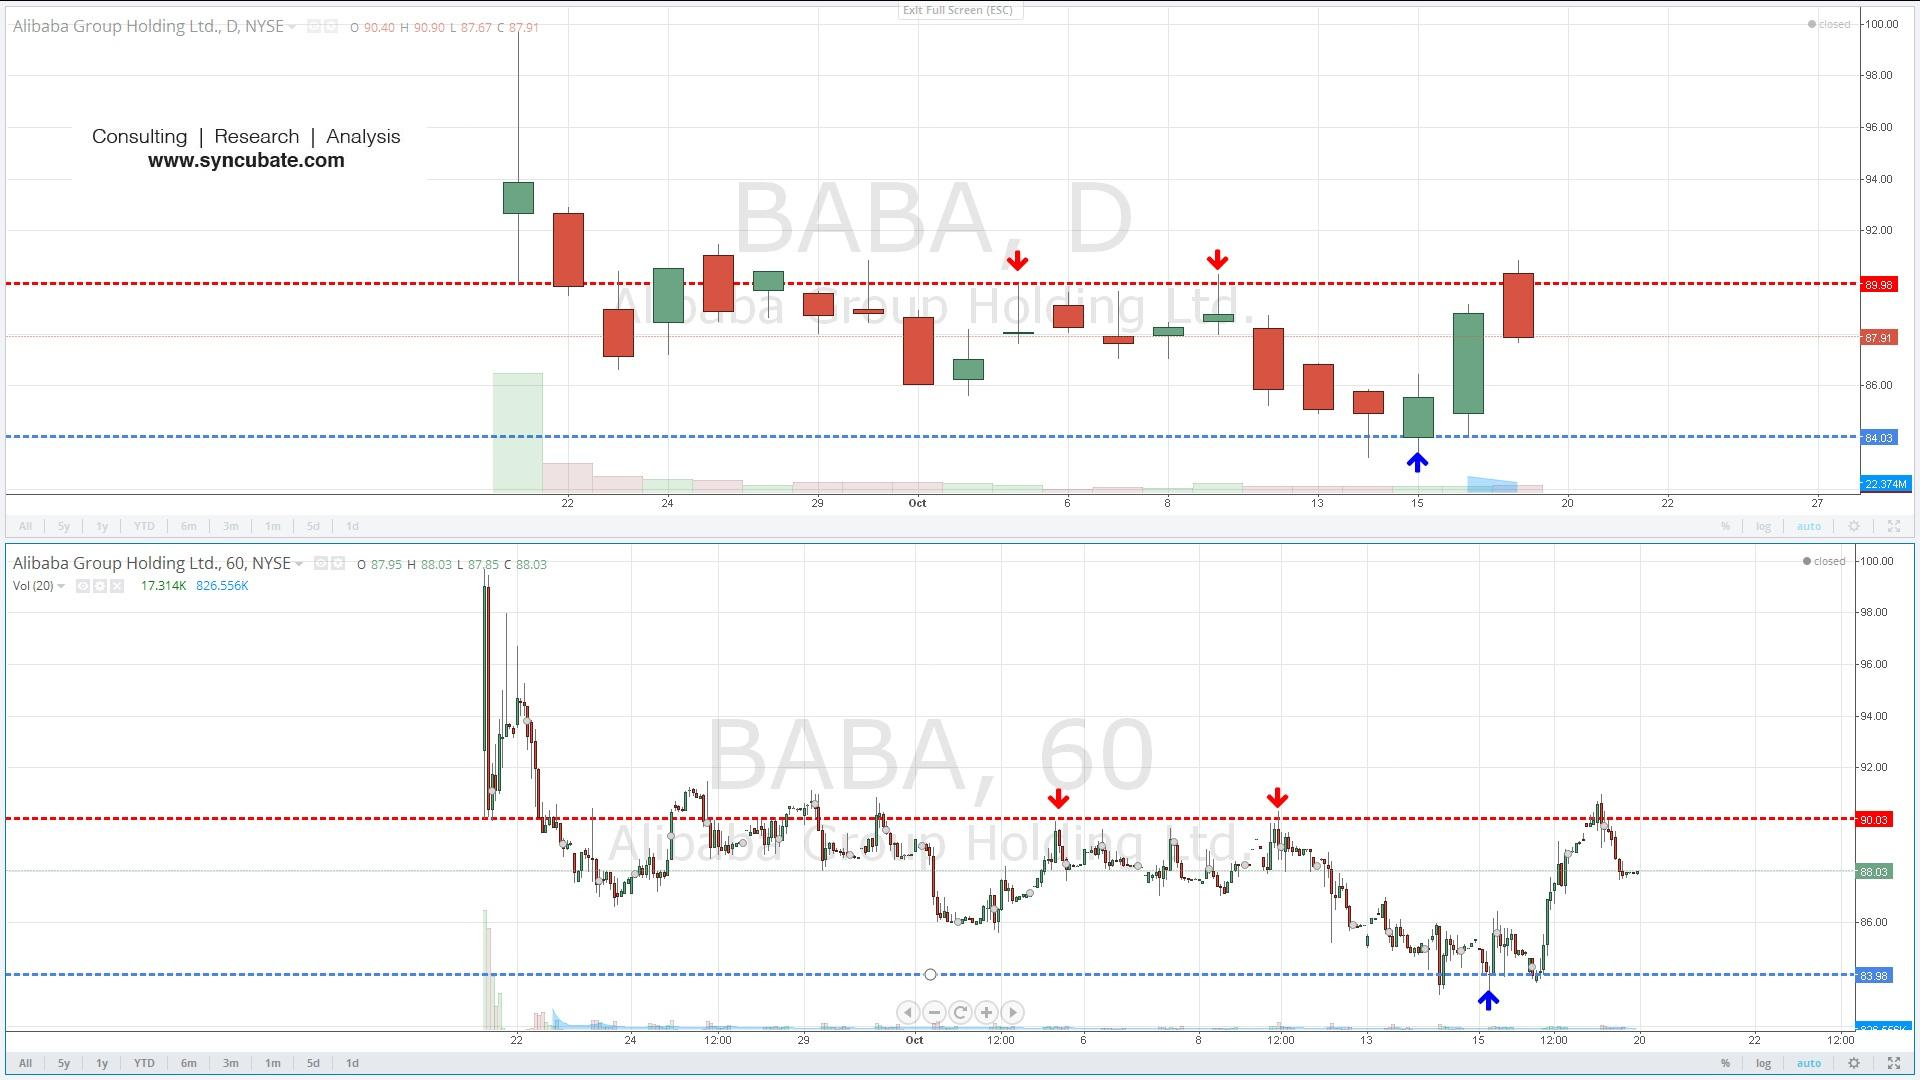 $BABA : Alibaba Group Holding Ltd.